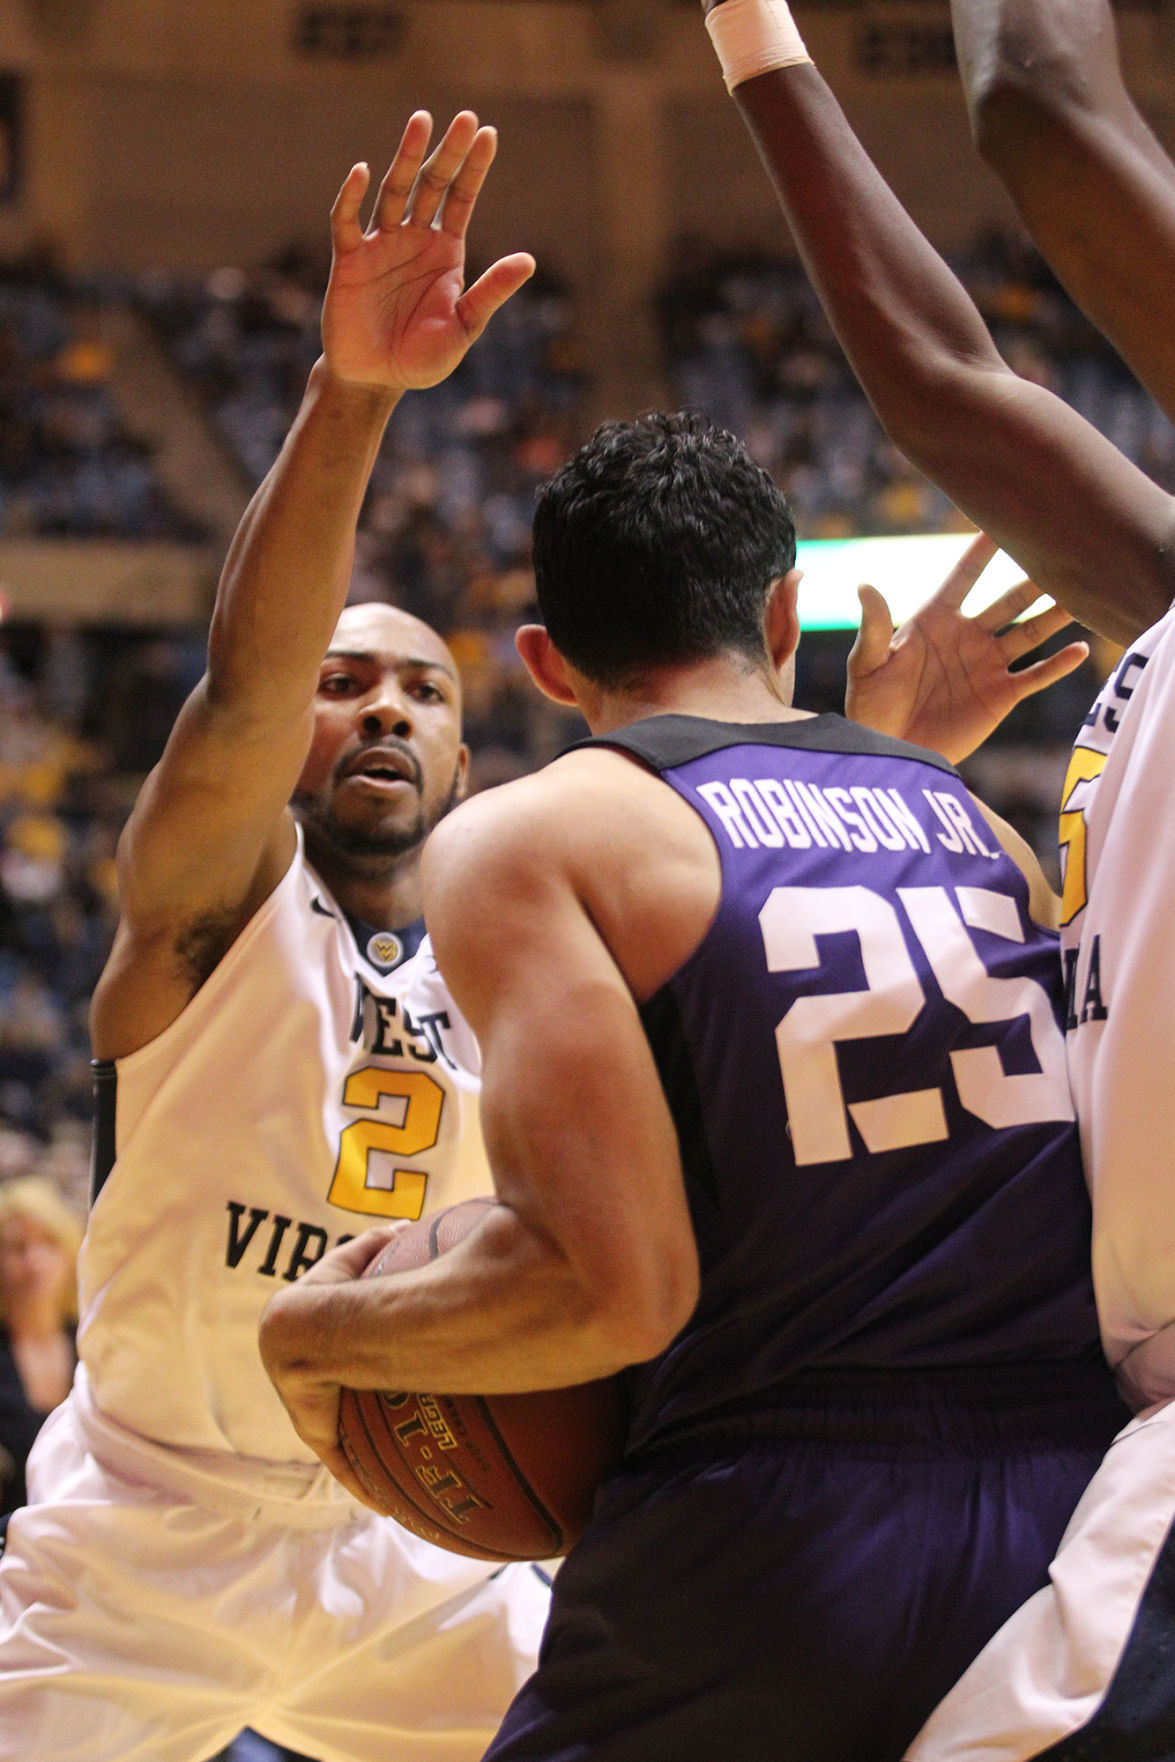 0212 WVU basketball Jevon Carter hands up.jpg